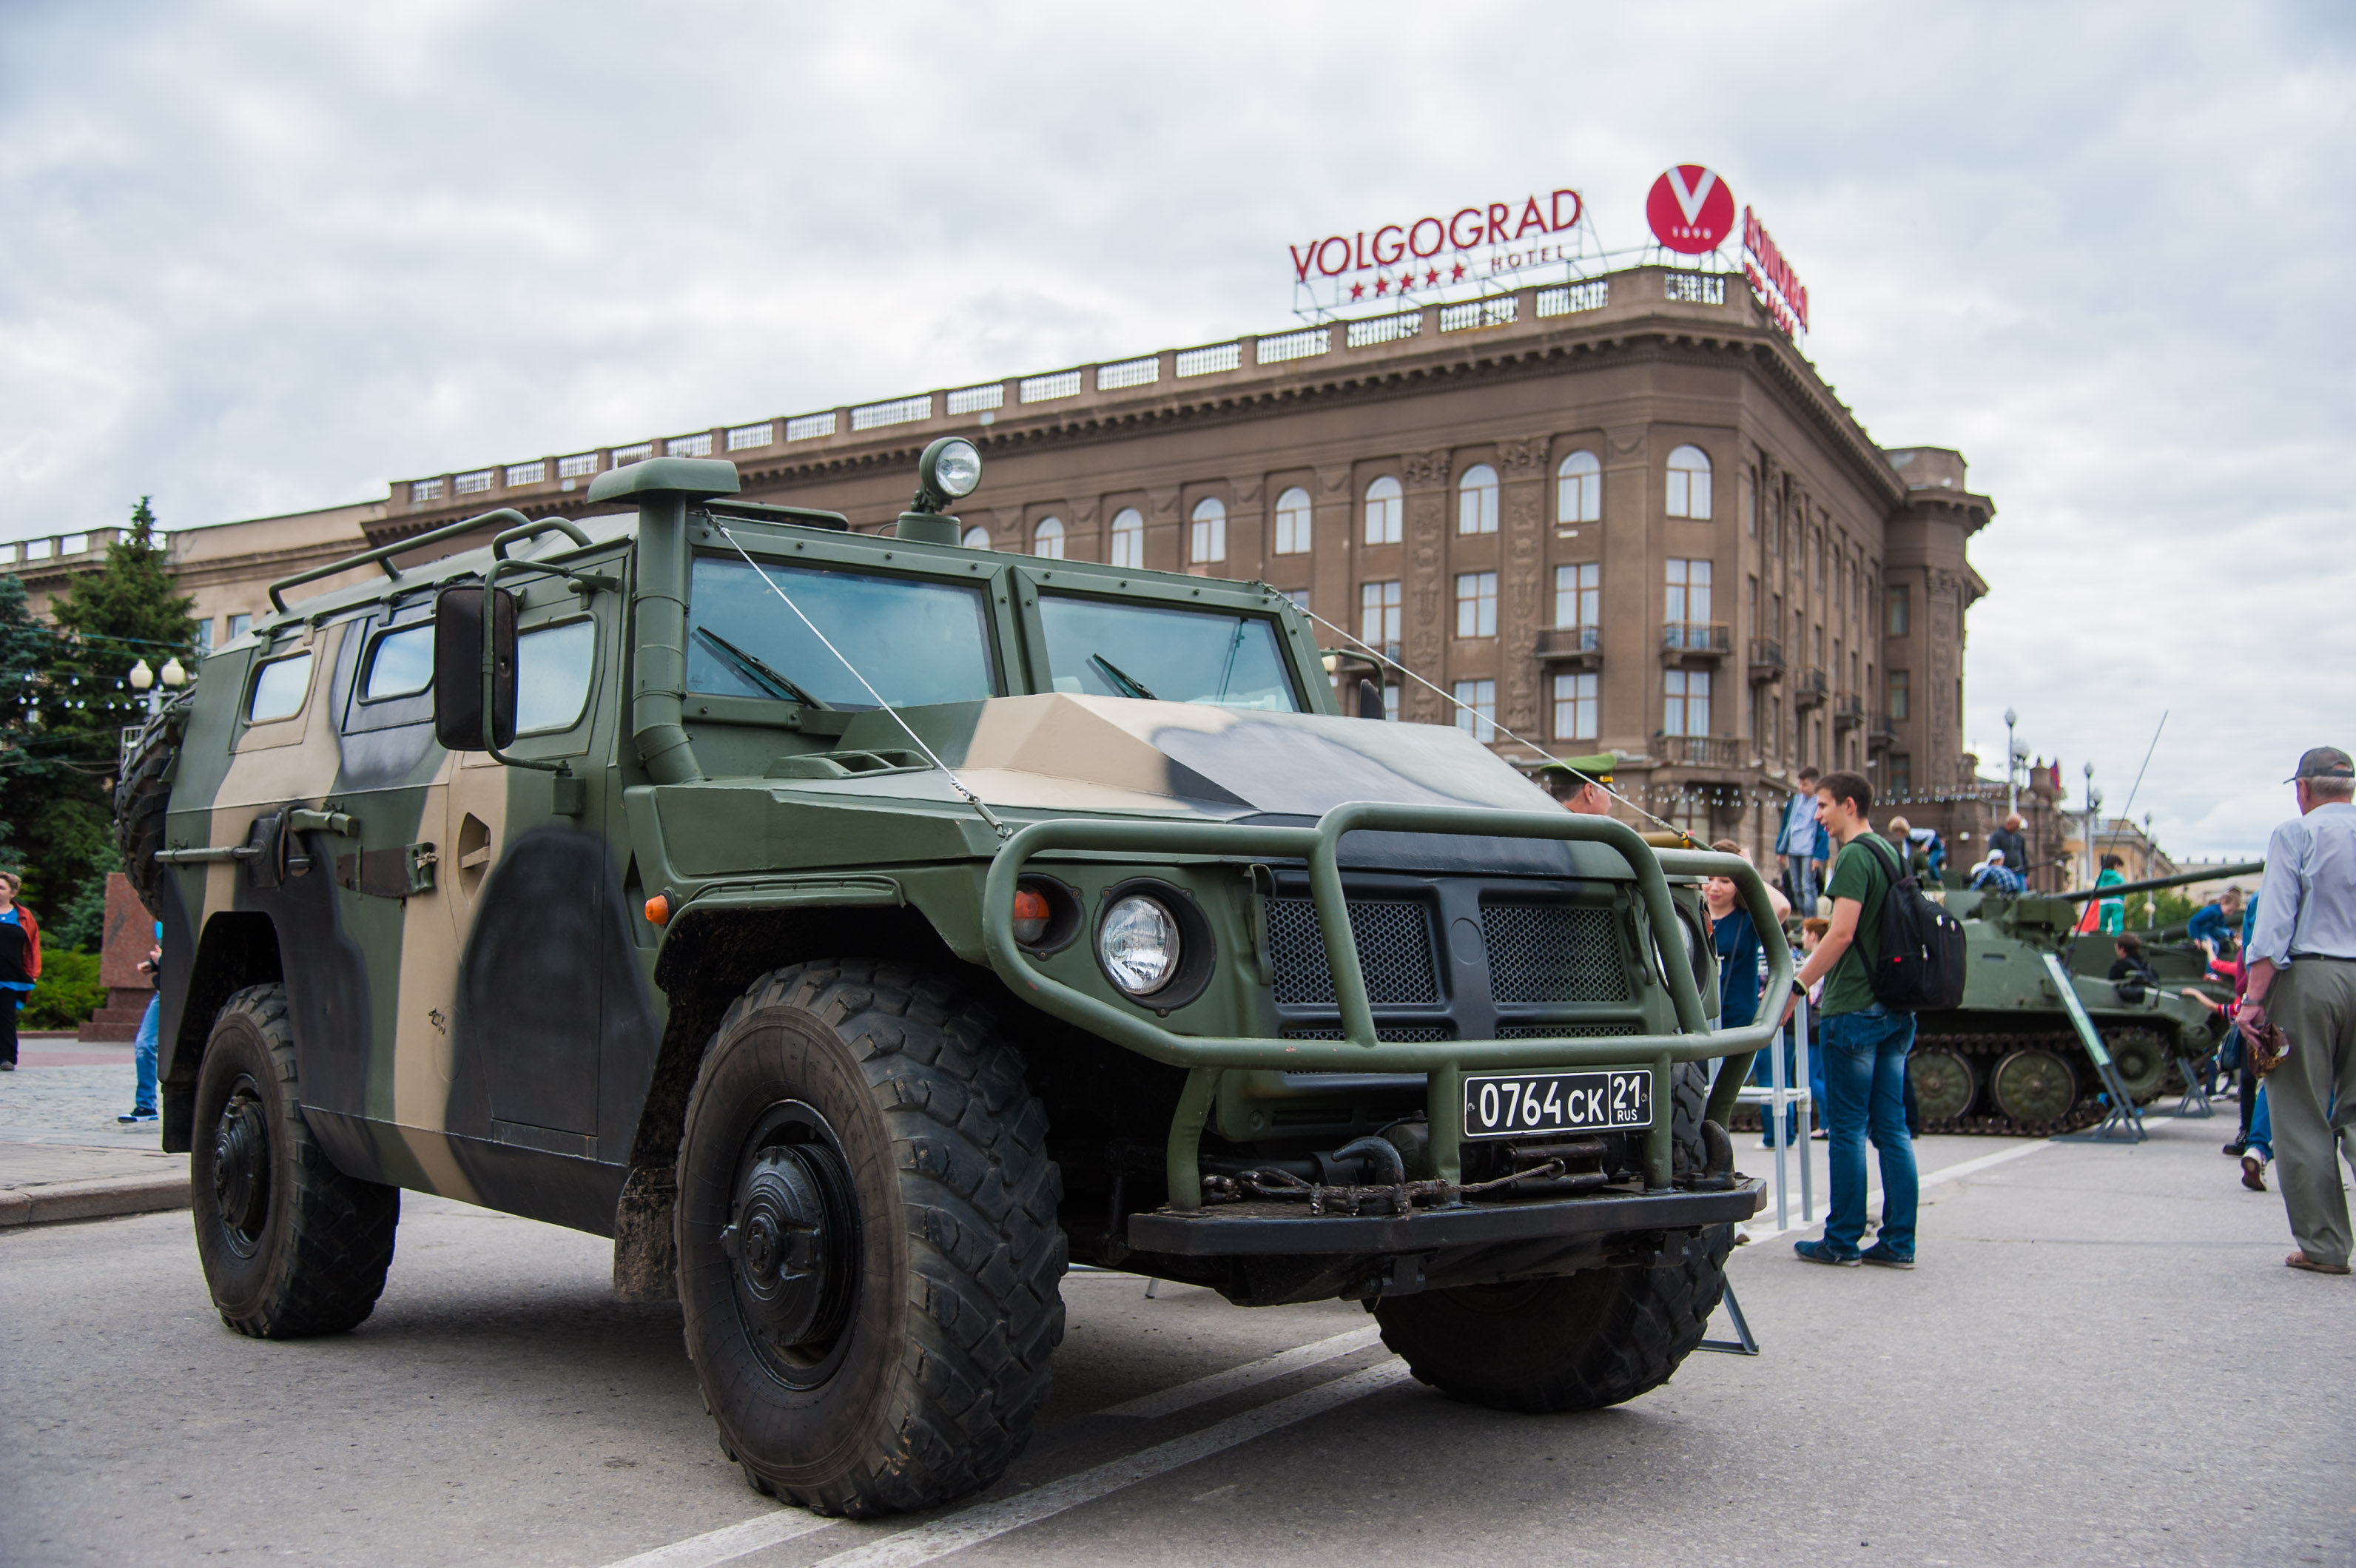 Поволгоградским дорогам ибездорожью проедут русские иегипетские военные